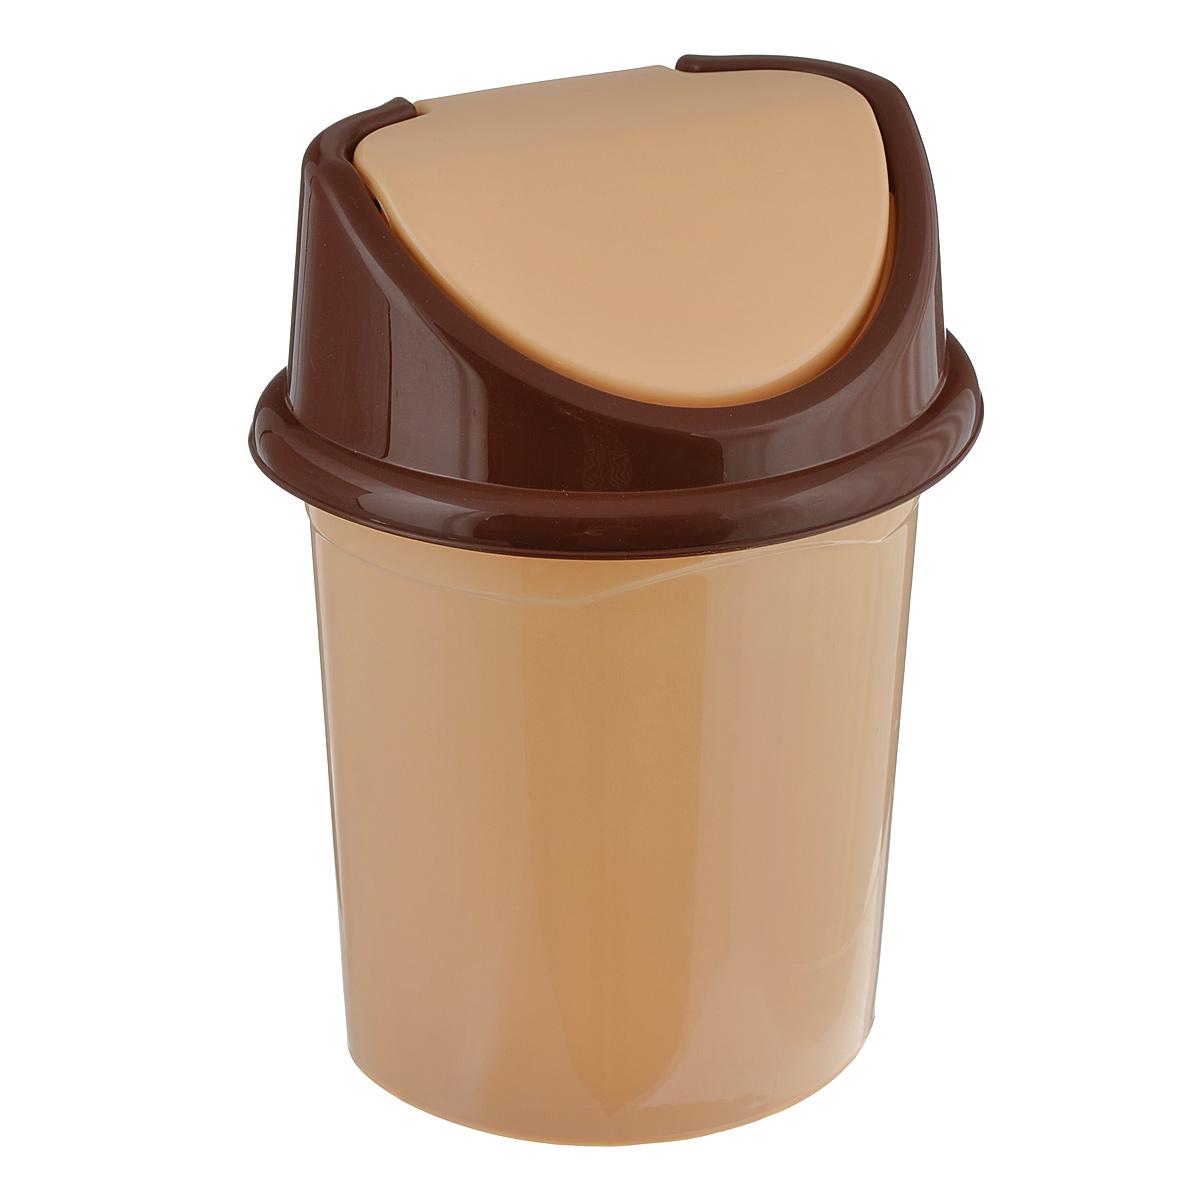 Контейнер для мусора Violet, цвет: бежевый, коричневый, 8 л810376Контейнер для мусора Violet изготовлен из прочного пластика. Контейнер снабжен удобной съемной крышкой с подвижной перегородкой. В нем удобно хранить мелкий мусор. Благодаря лаконичному дизайну такой контейнер идеально впишется в интерьер и дома, и офиса.